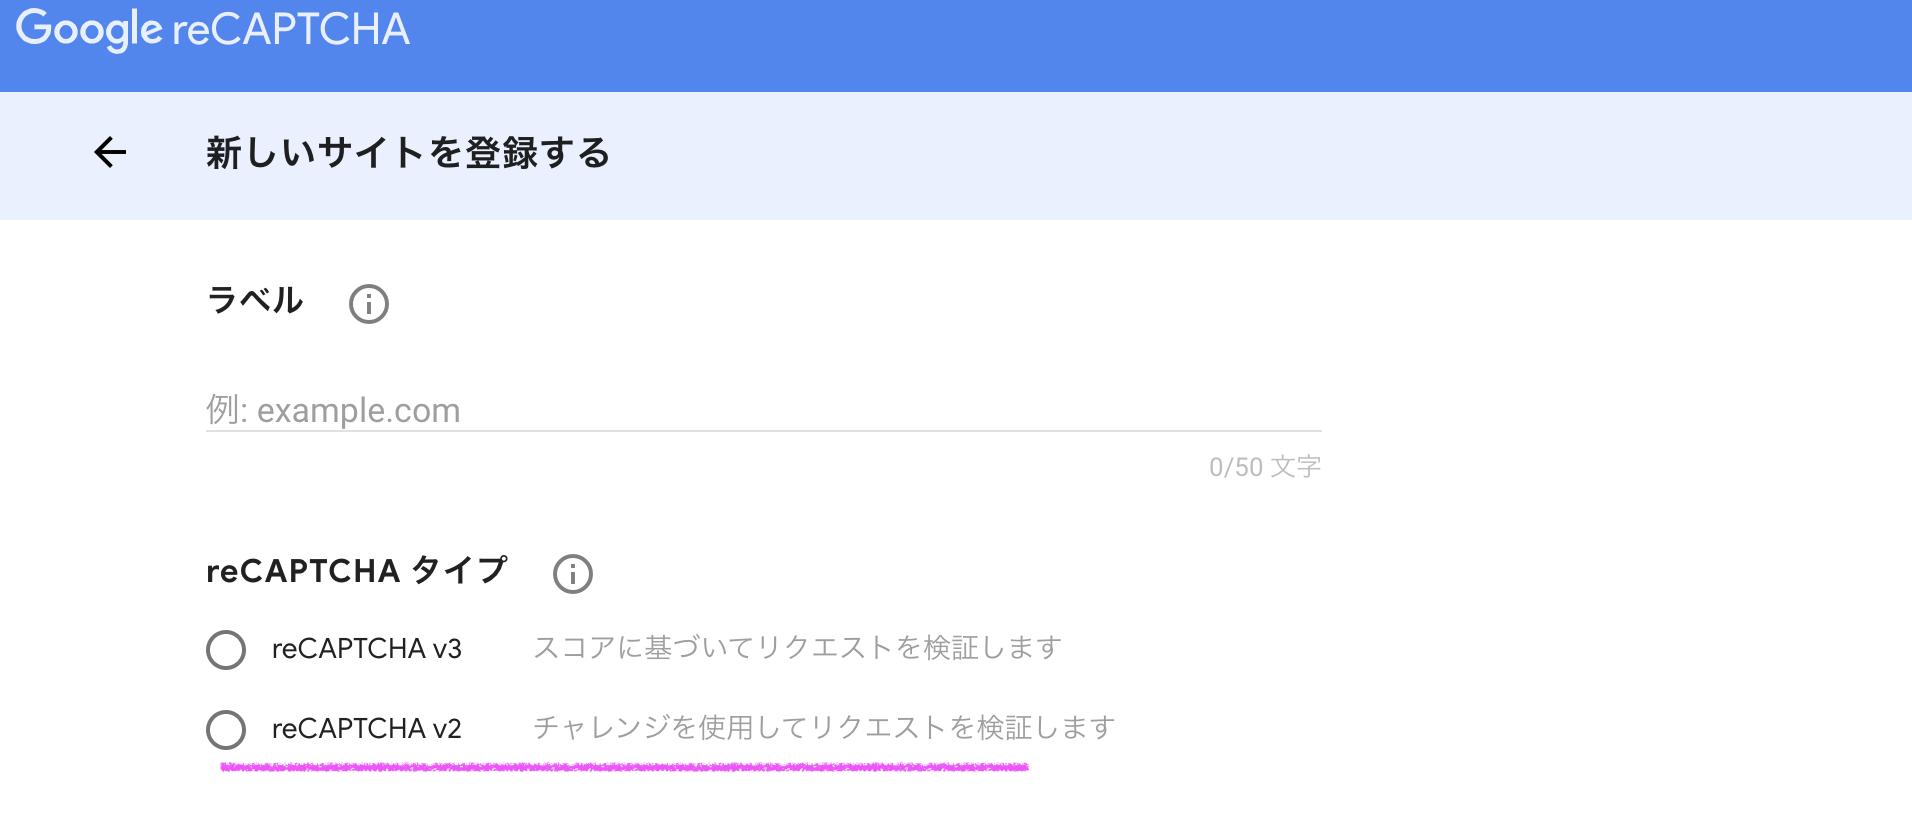 スクリーンショット 2020-01-15 13.57.53